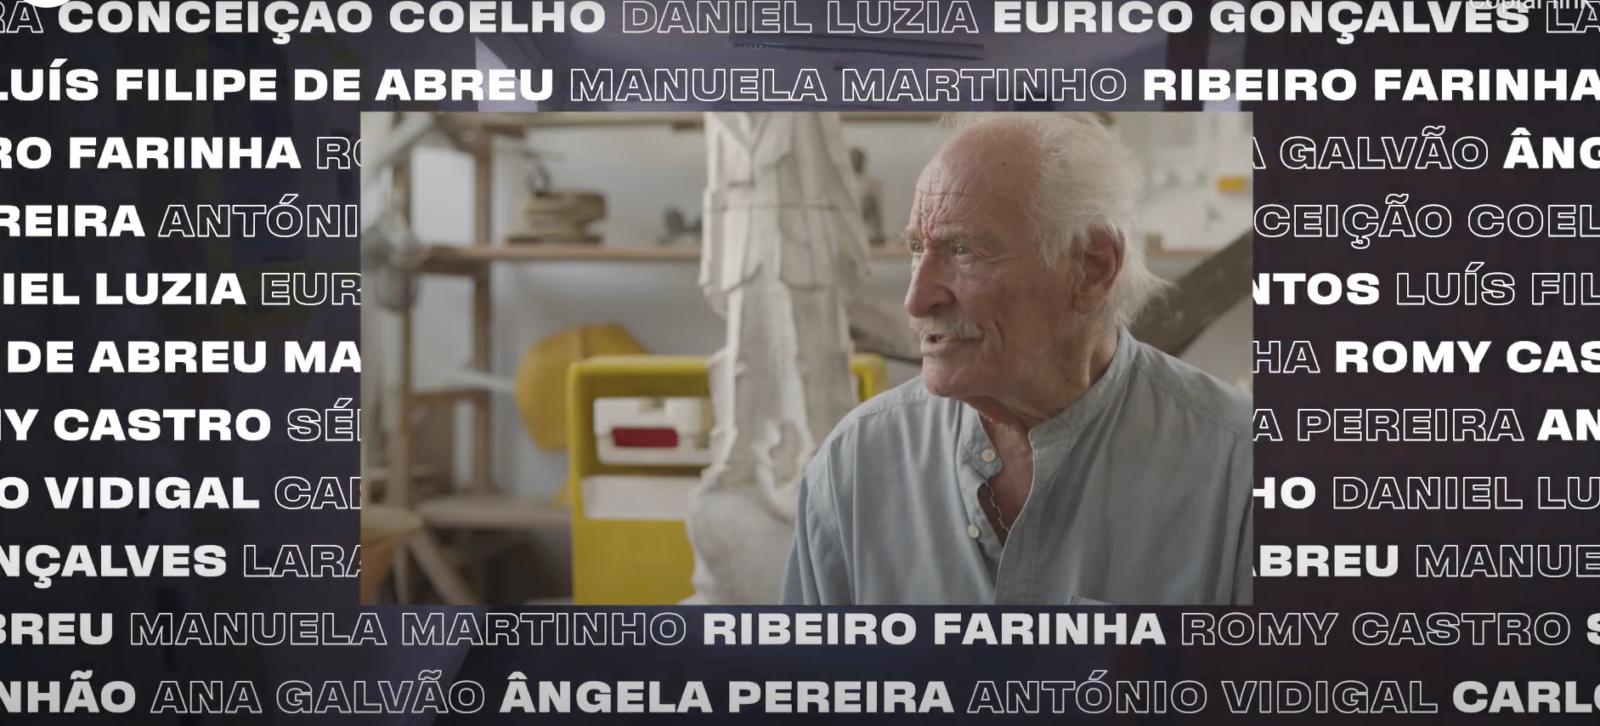 Artista plástico fundador do complexo dos Coruchéus